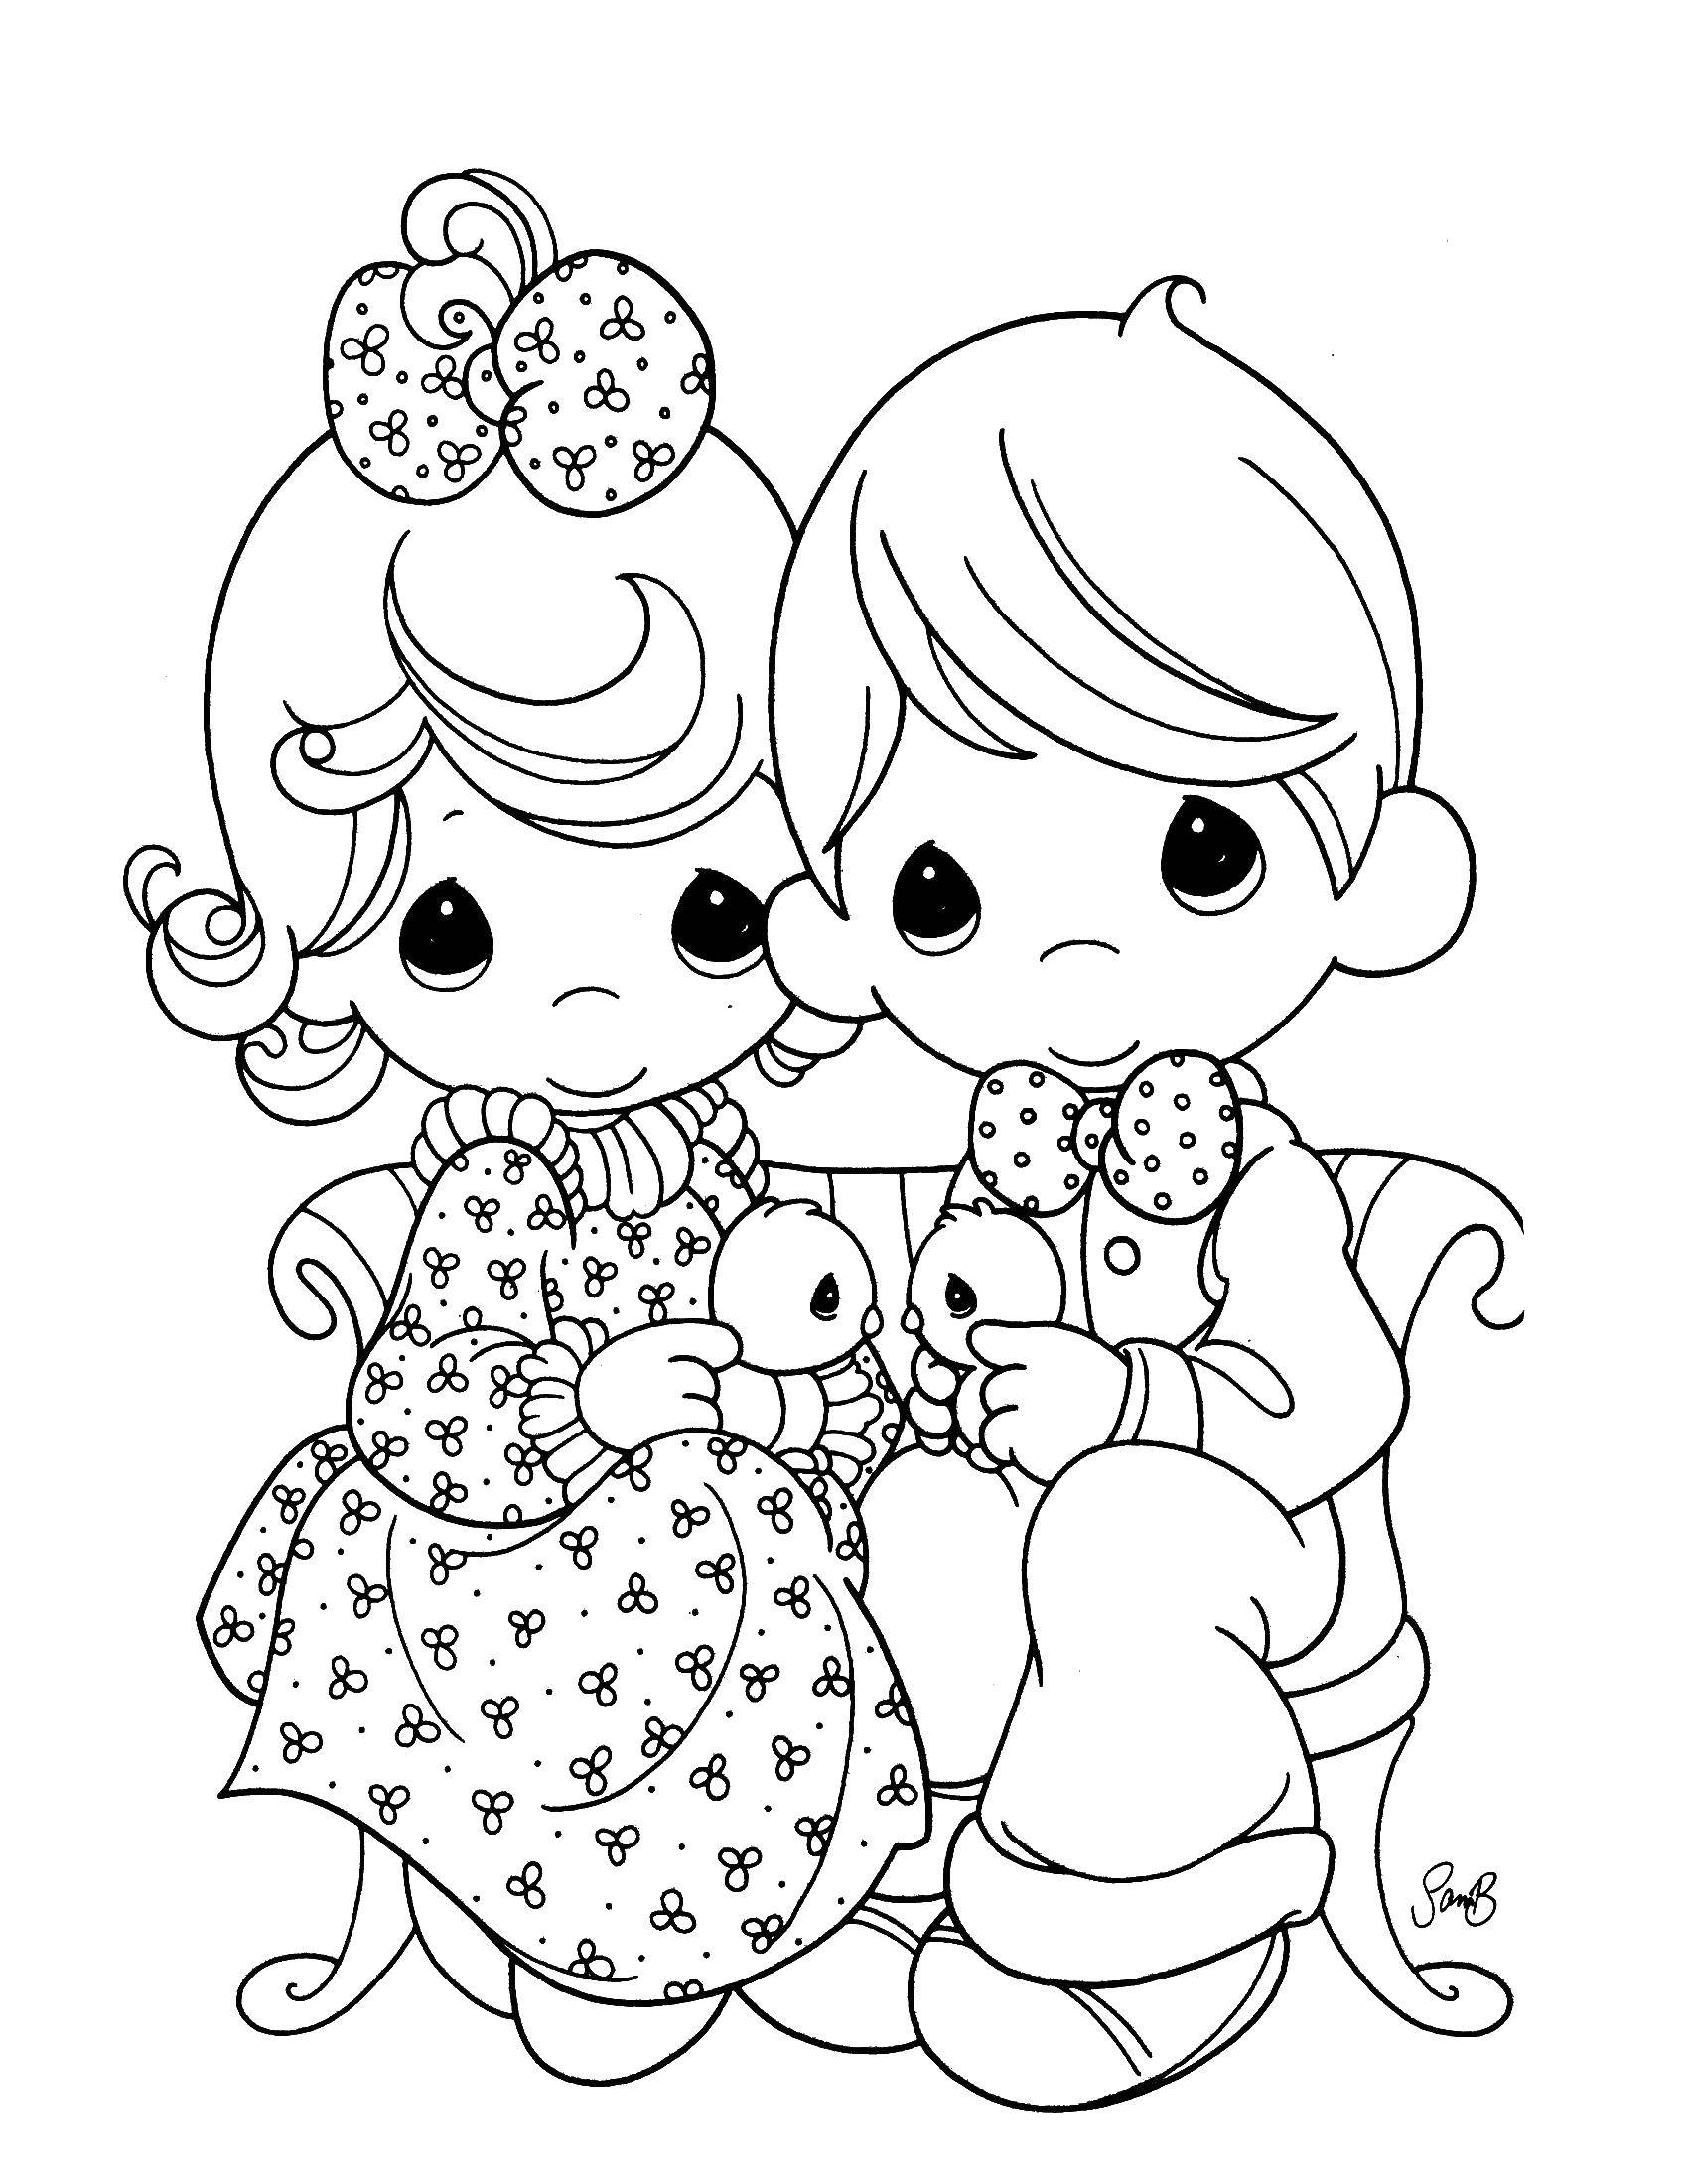 раскраски нищенка раскраска принцесса и нищенка барби